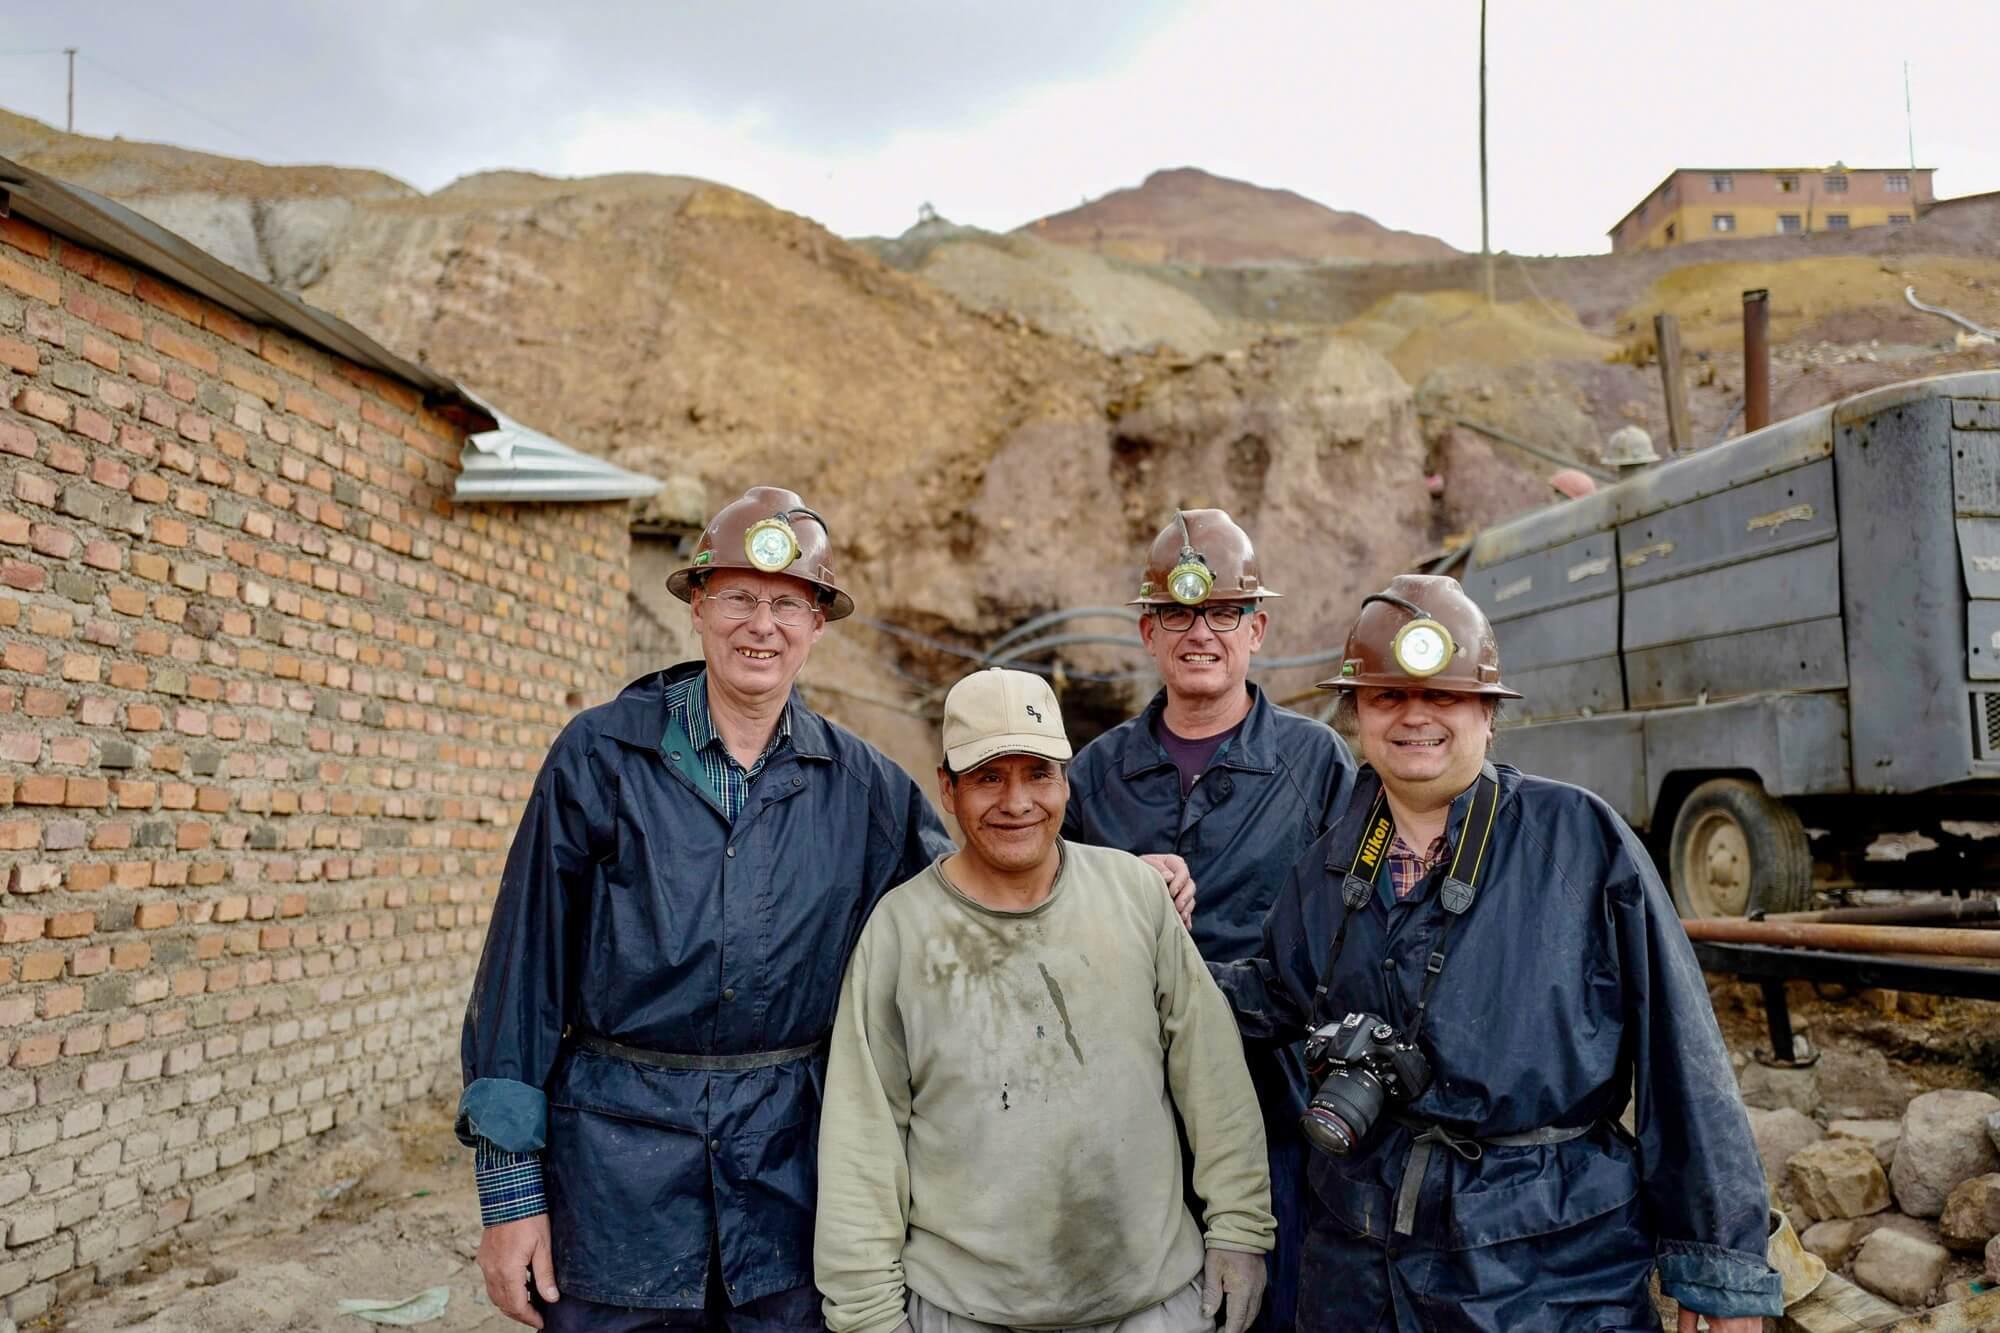 Visiting the Cerro Rico Mine in Potosi, Bolivia